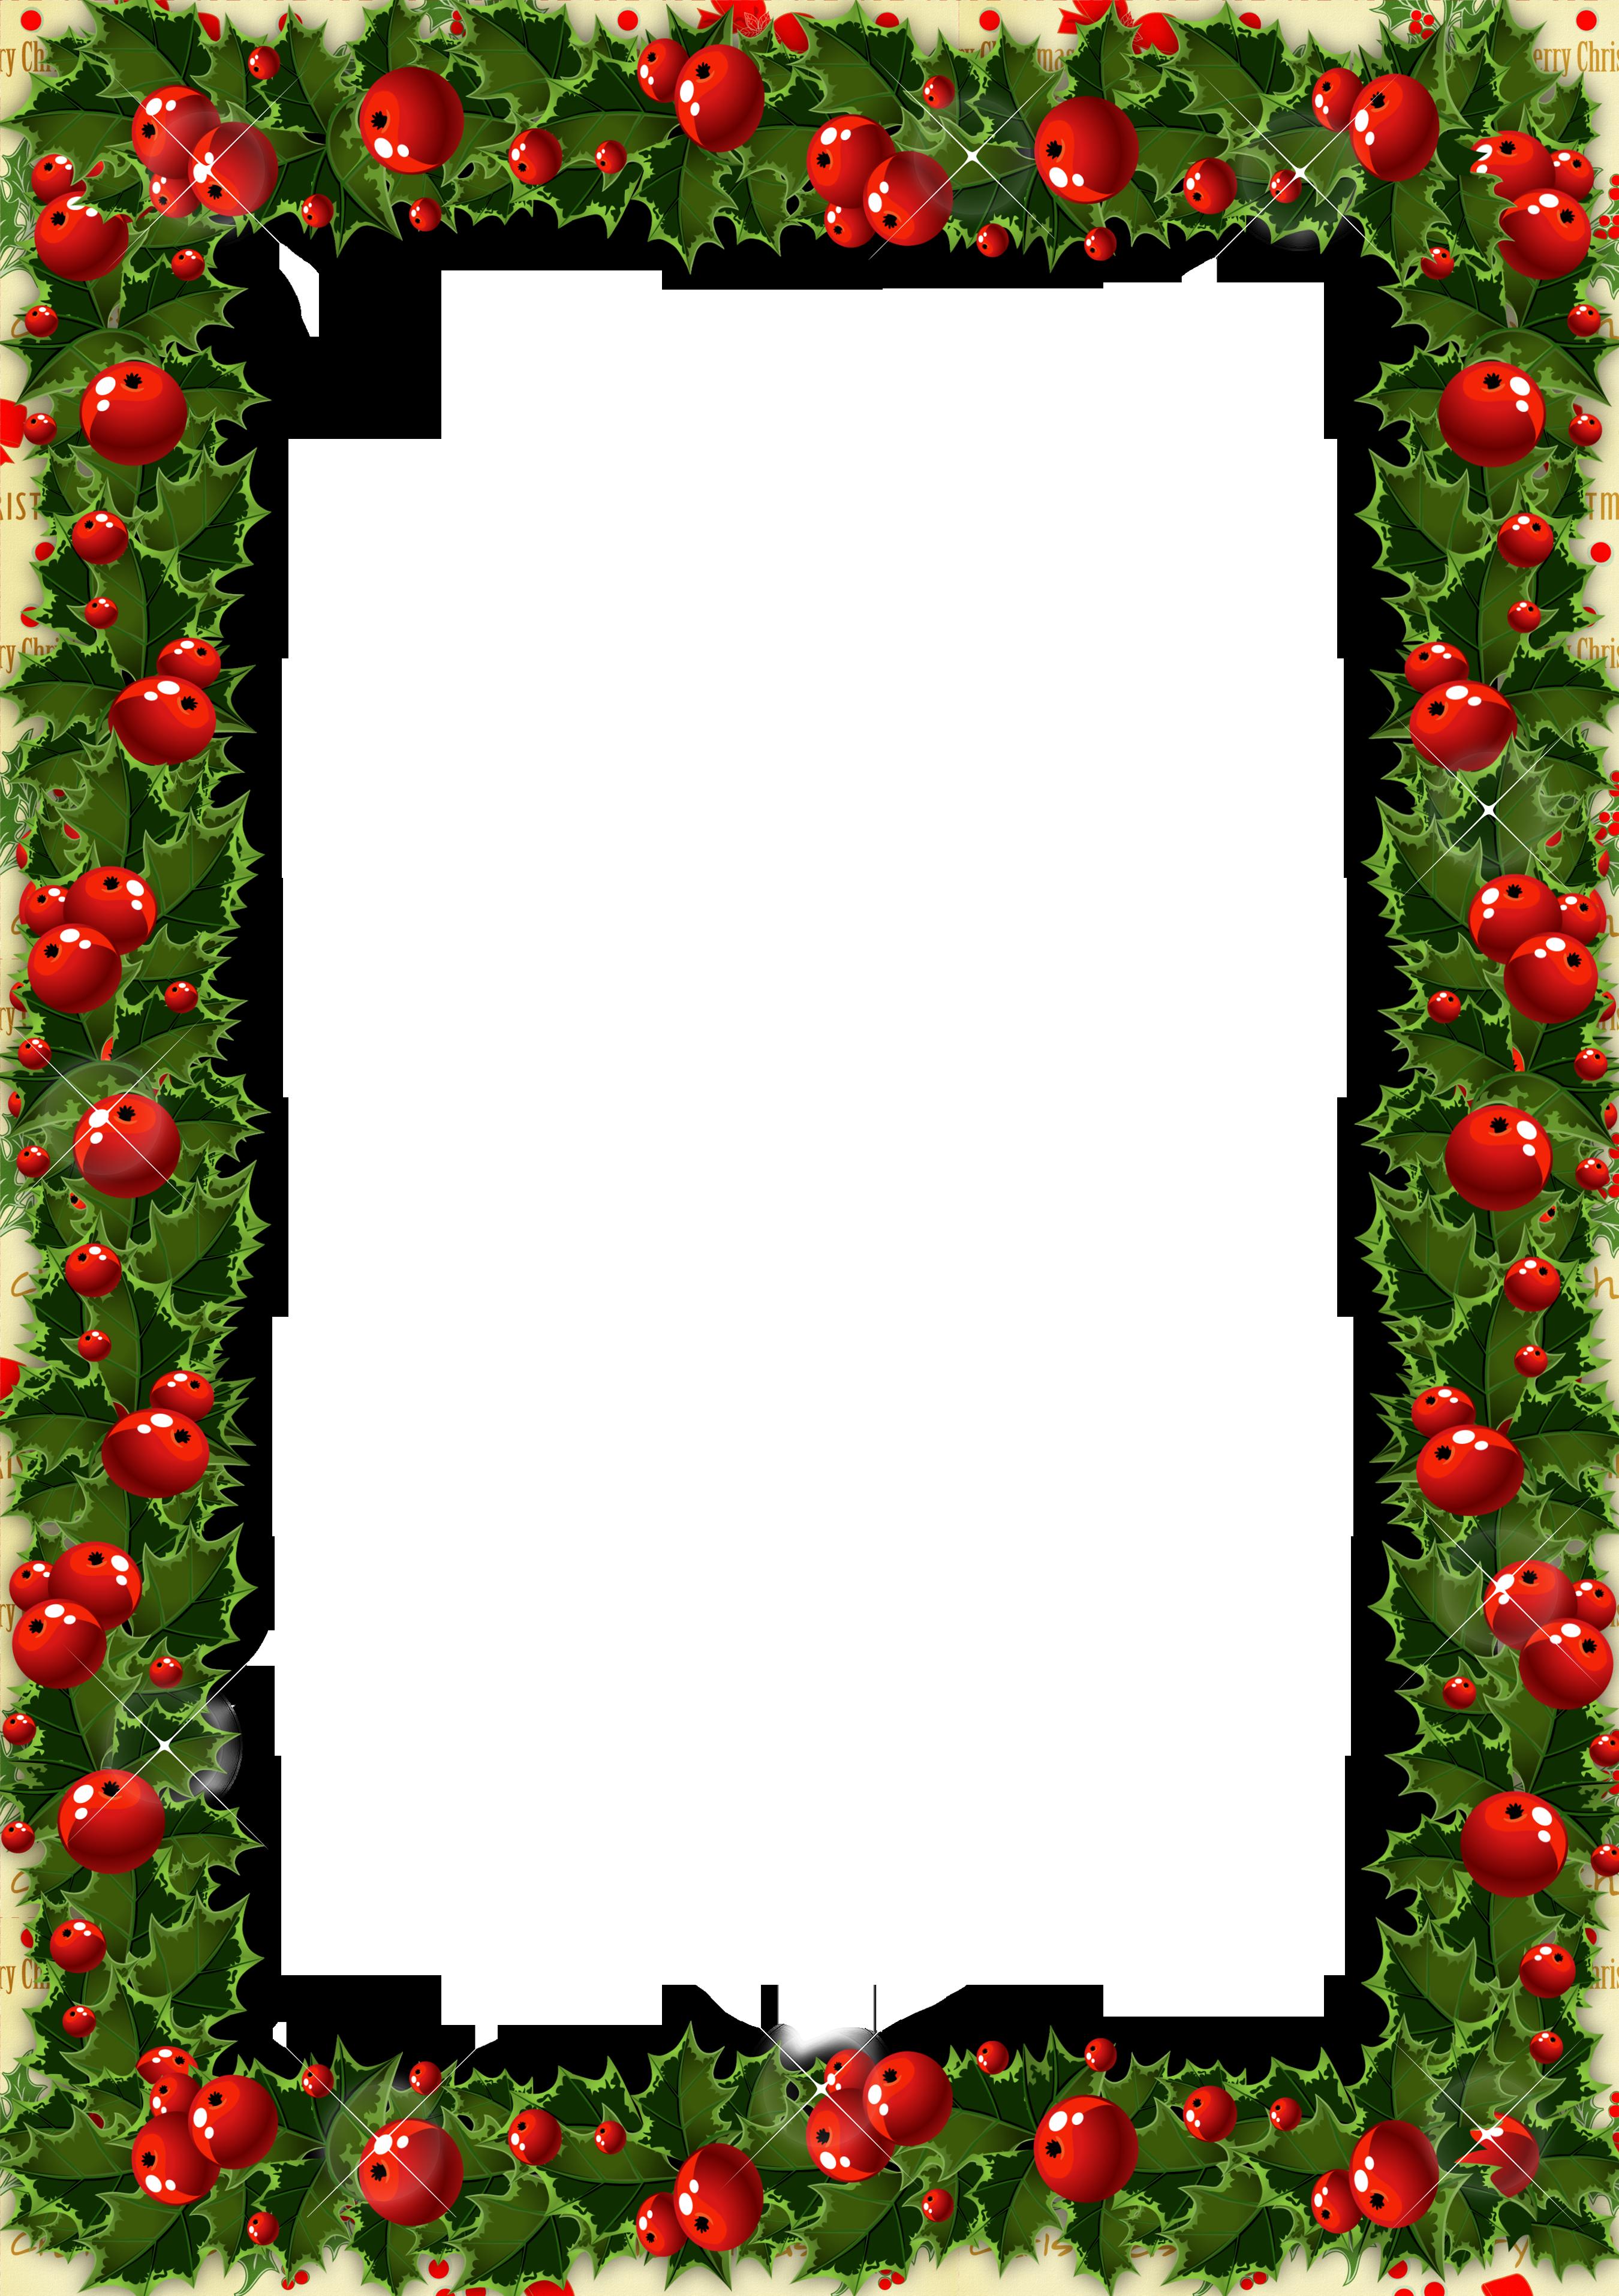 2700x3829 15 Transparent Holly Border For Free Download On Mbtskoudsalg